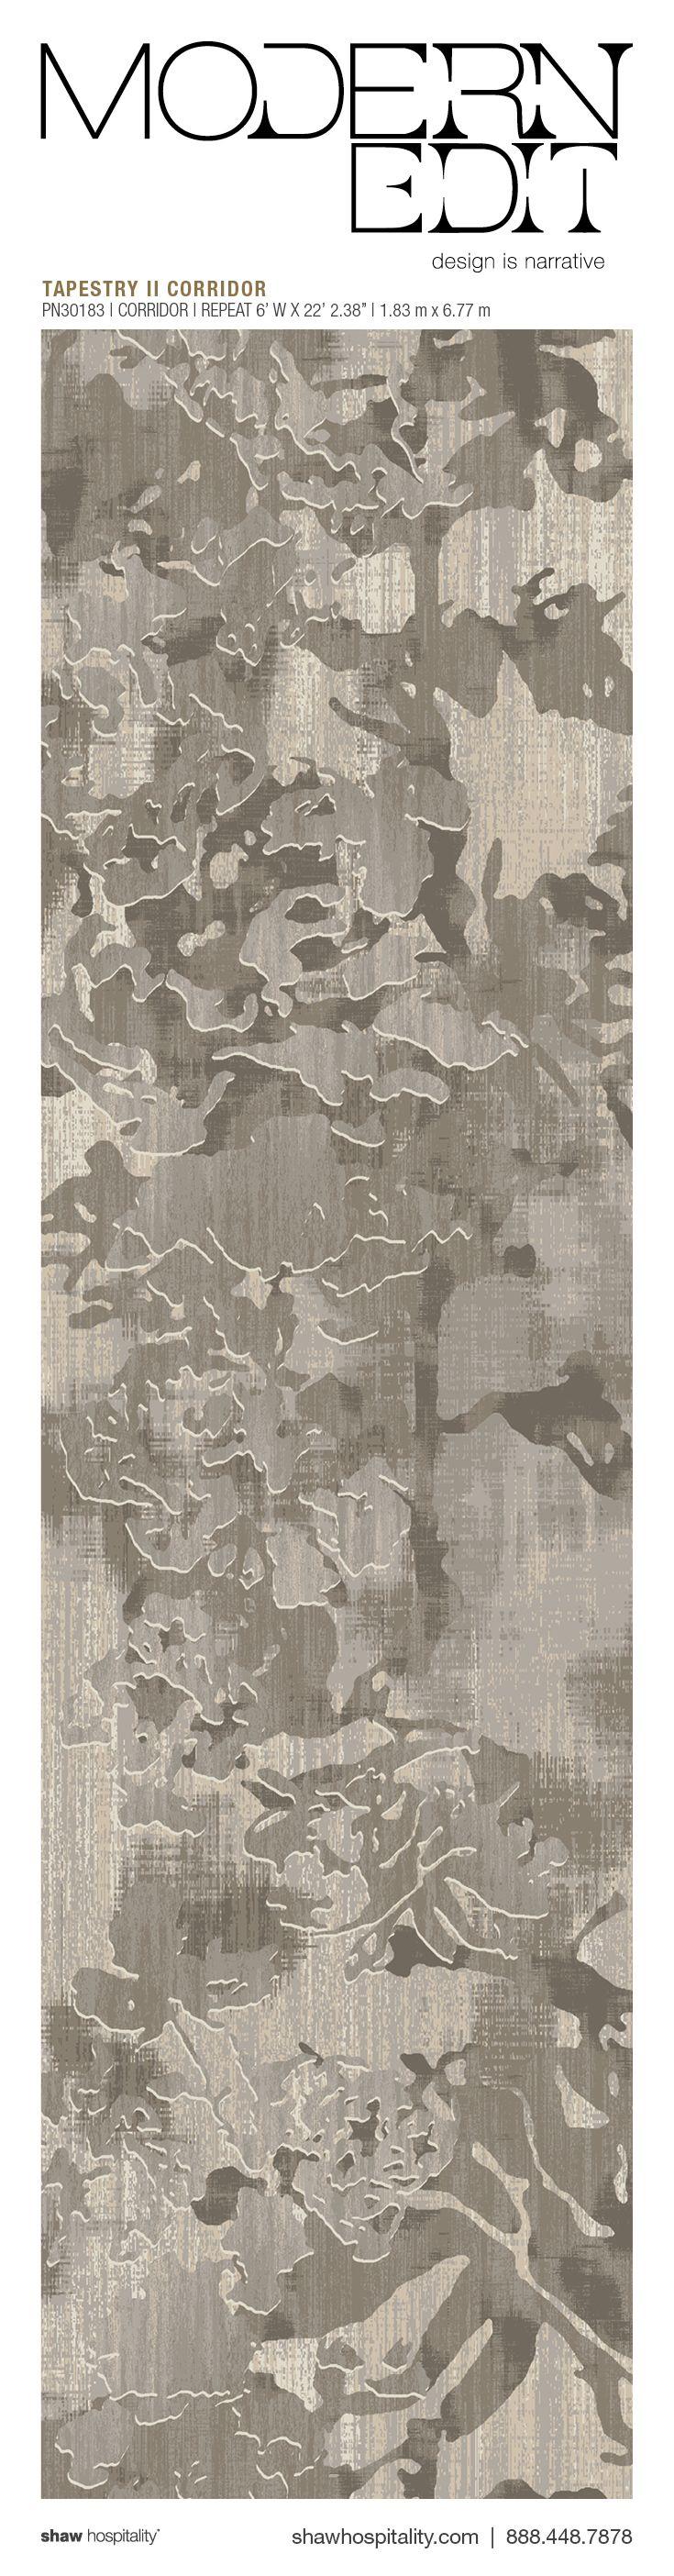 Tapestry II Corridor   PN30183